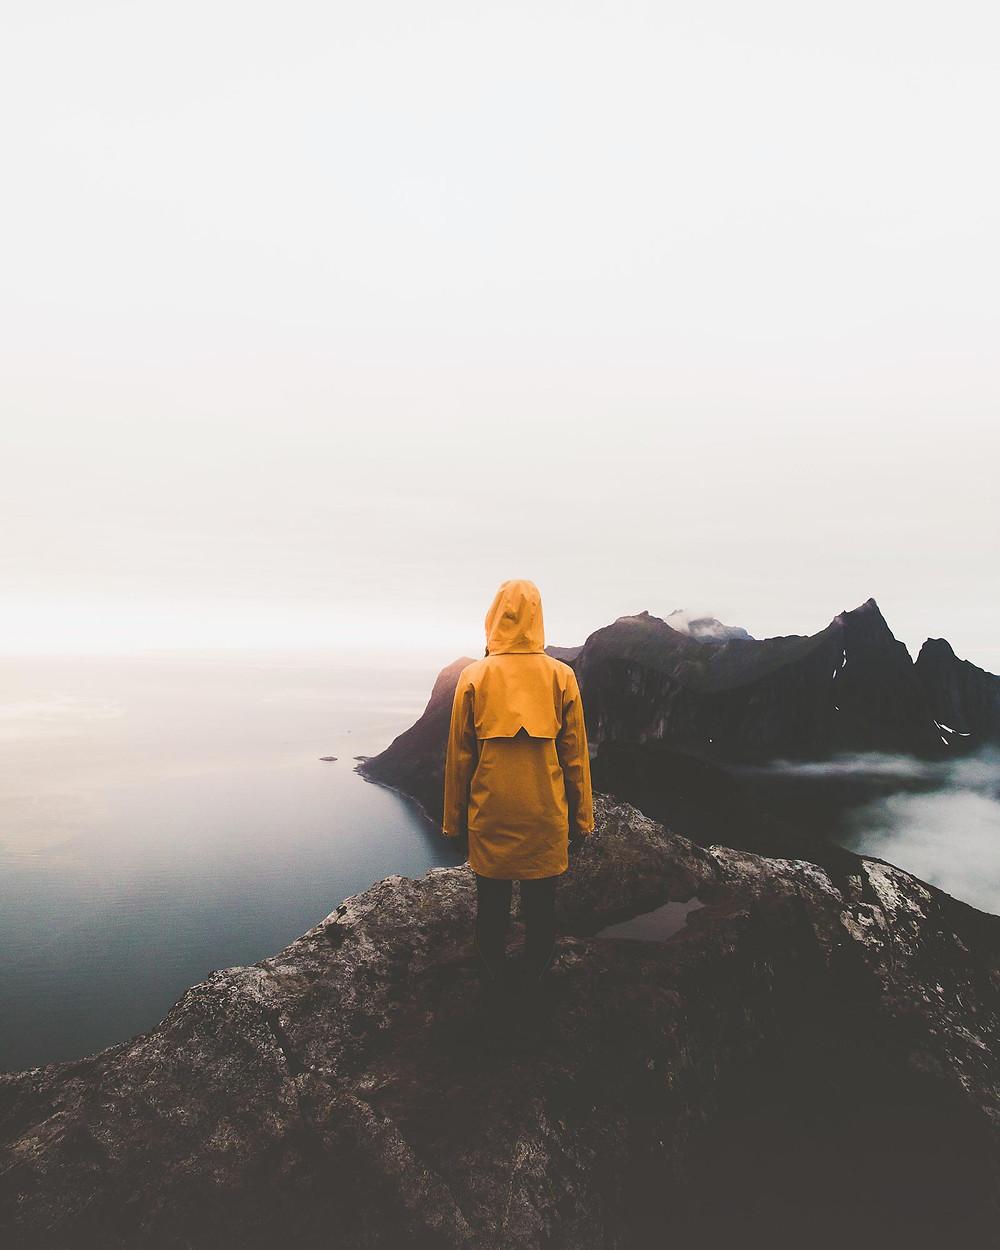 Kuvituskuva: Henkilö keltaisessa takissa katsoo kalliolta merelle. - kuva unsplash.com